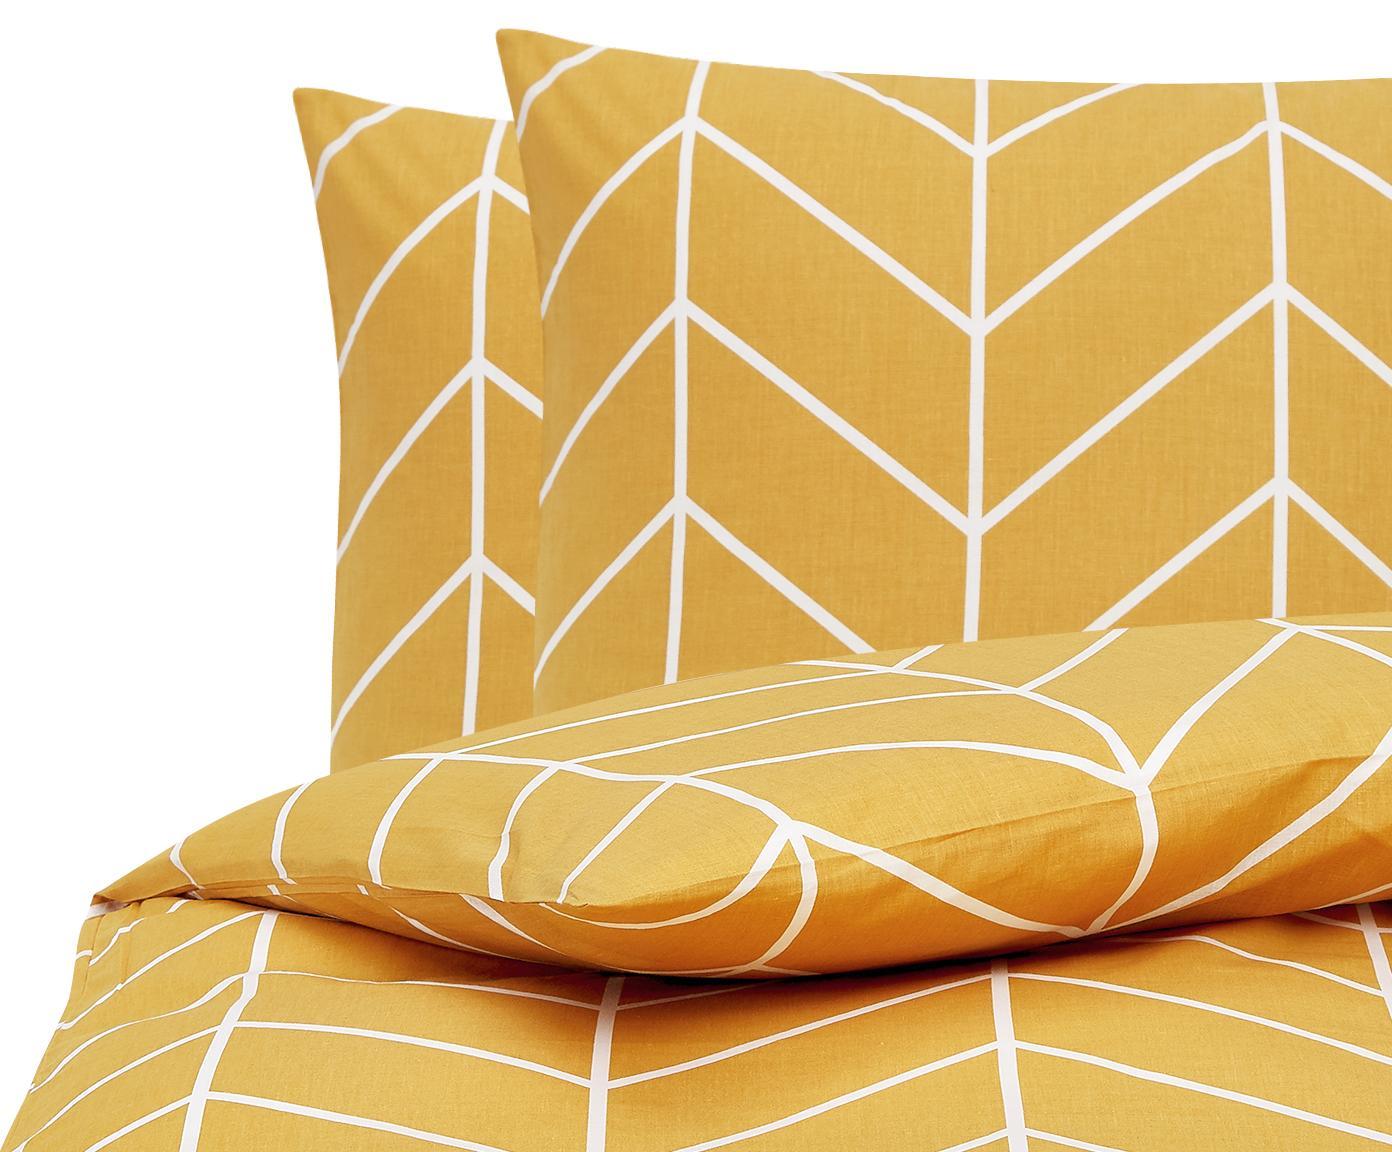 Baumwoll-Bettwäsche Mirja mit grafischem Muster, Webart: Renforcé Fadendichte 144 , Senfgelb, Cremeweiß, 200 x 200 cm + 2 Kissen 80 x 80 cm